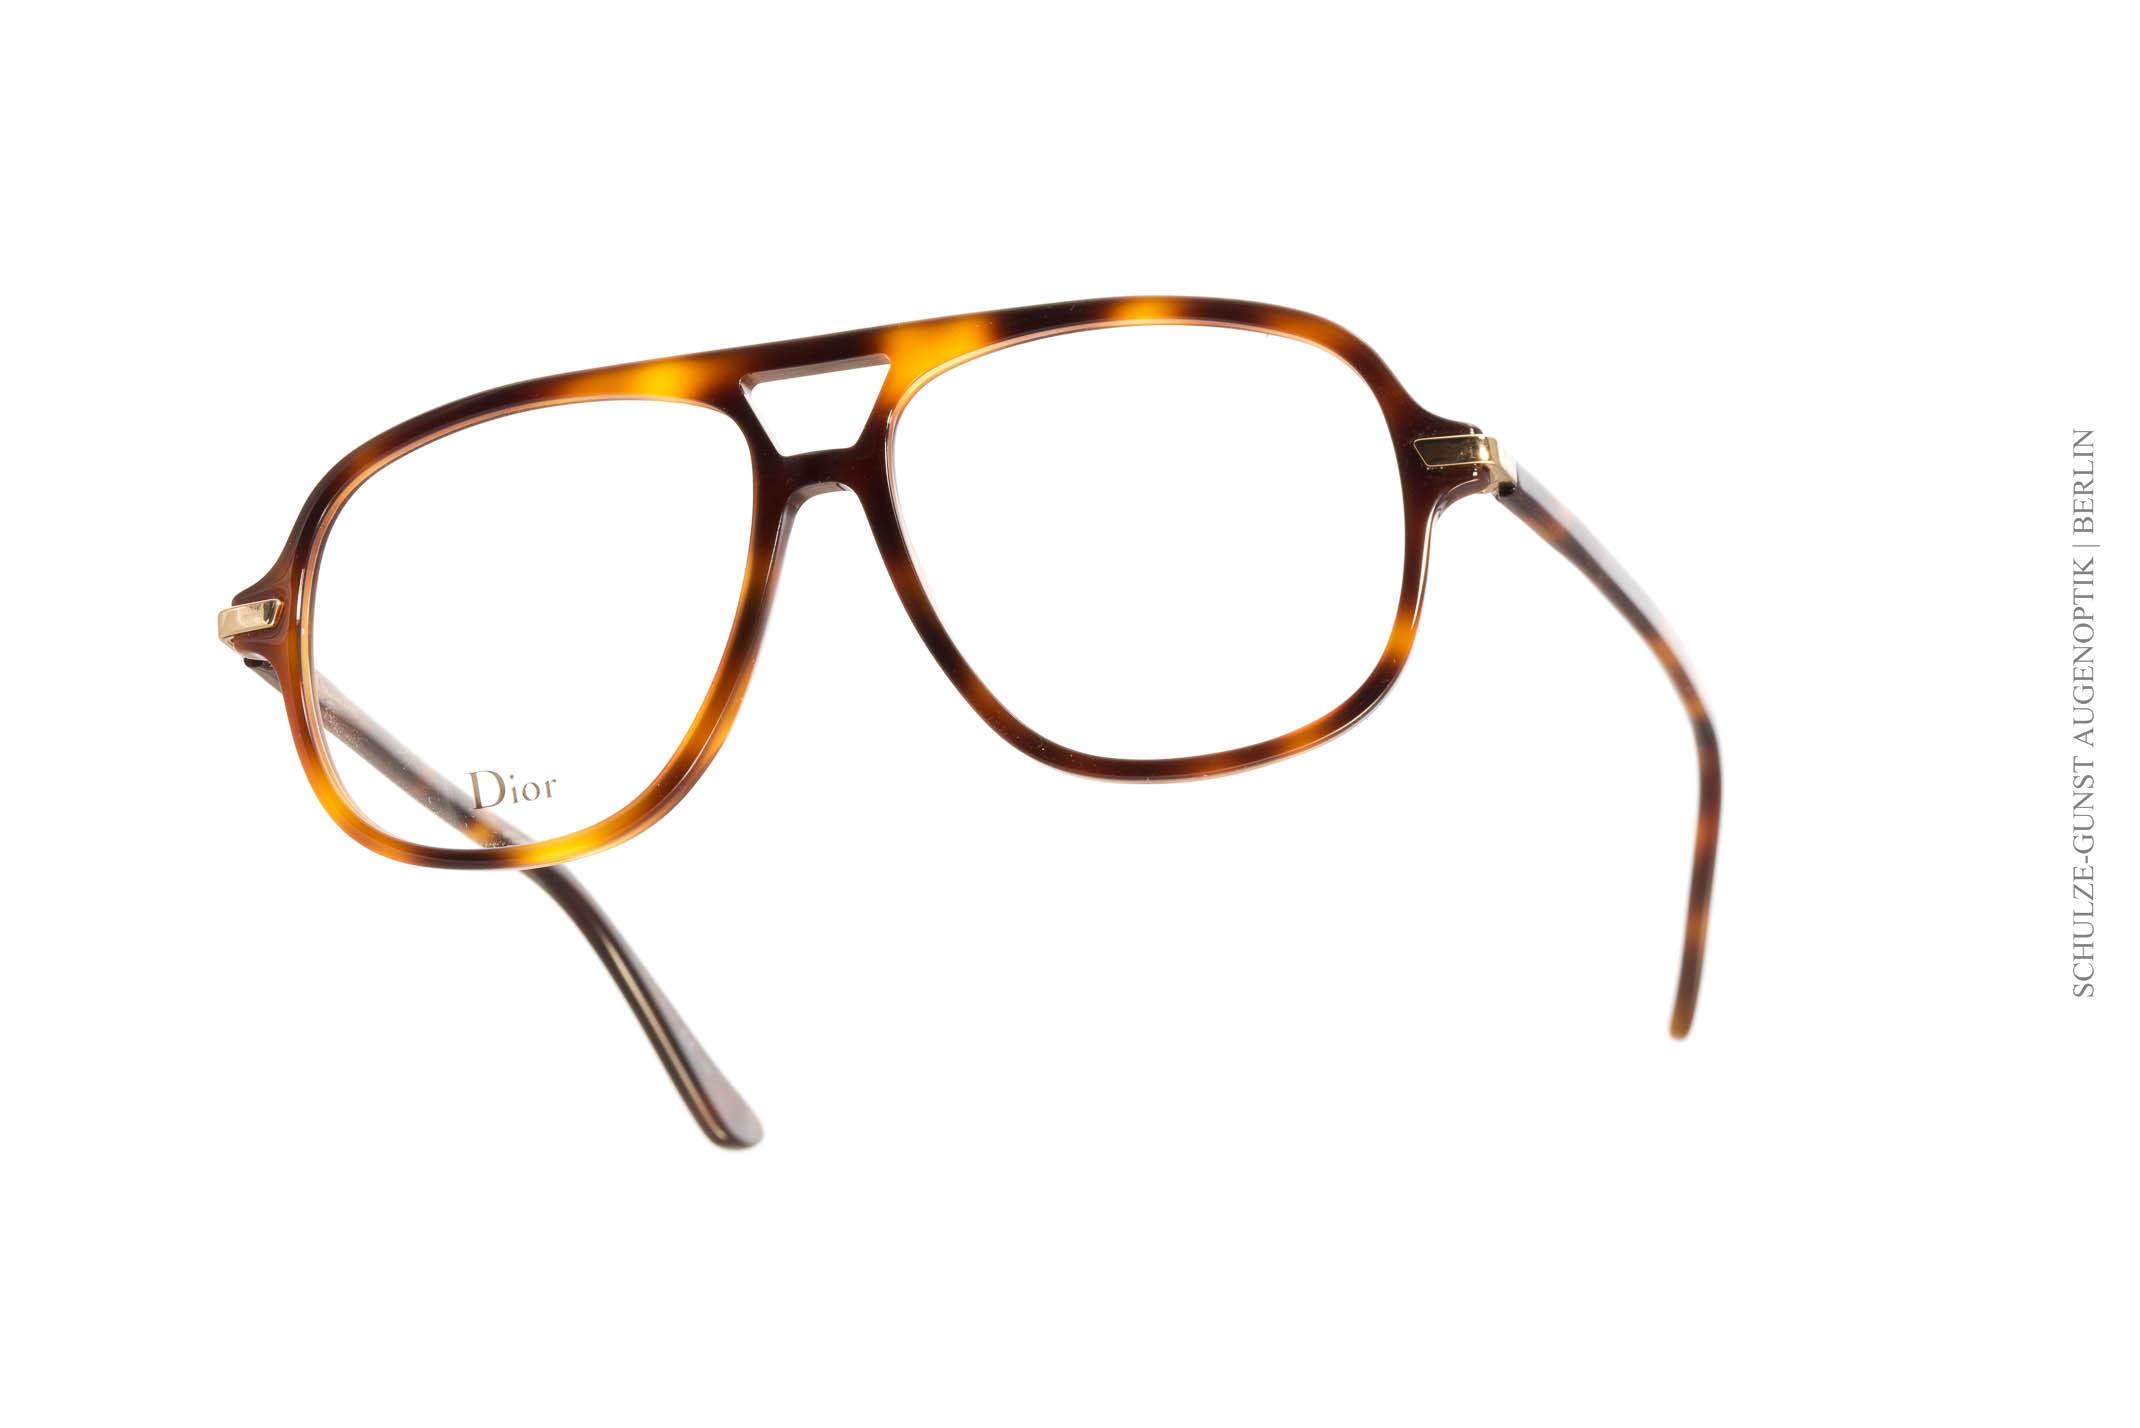 61367b2e43ce95 dior-damenbrille dior-damenbrillen im Menü finden Sie über 400 Modelle